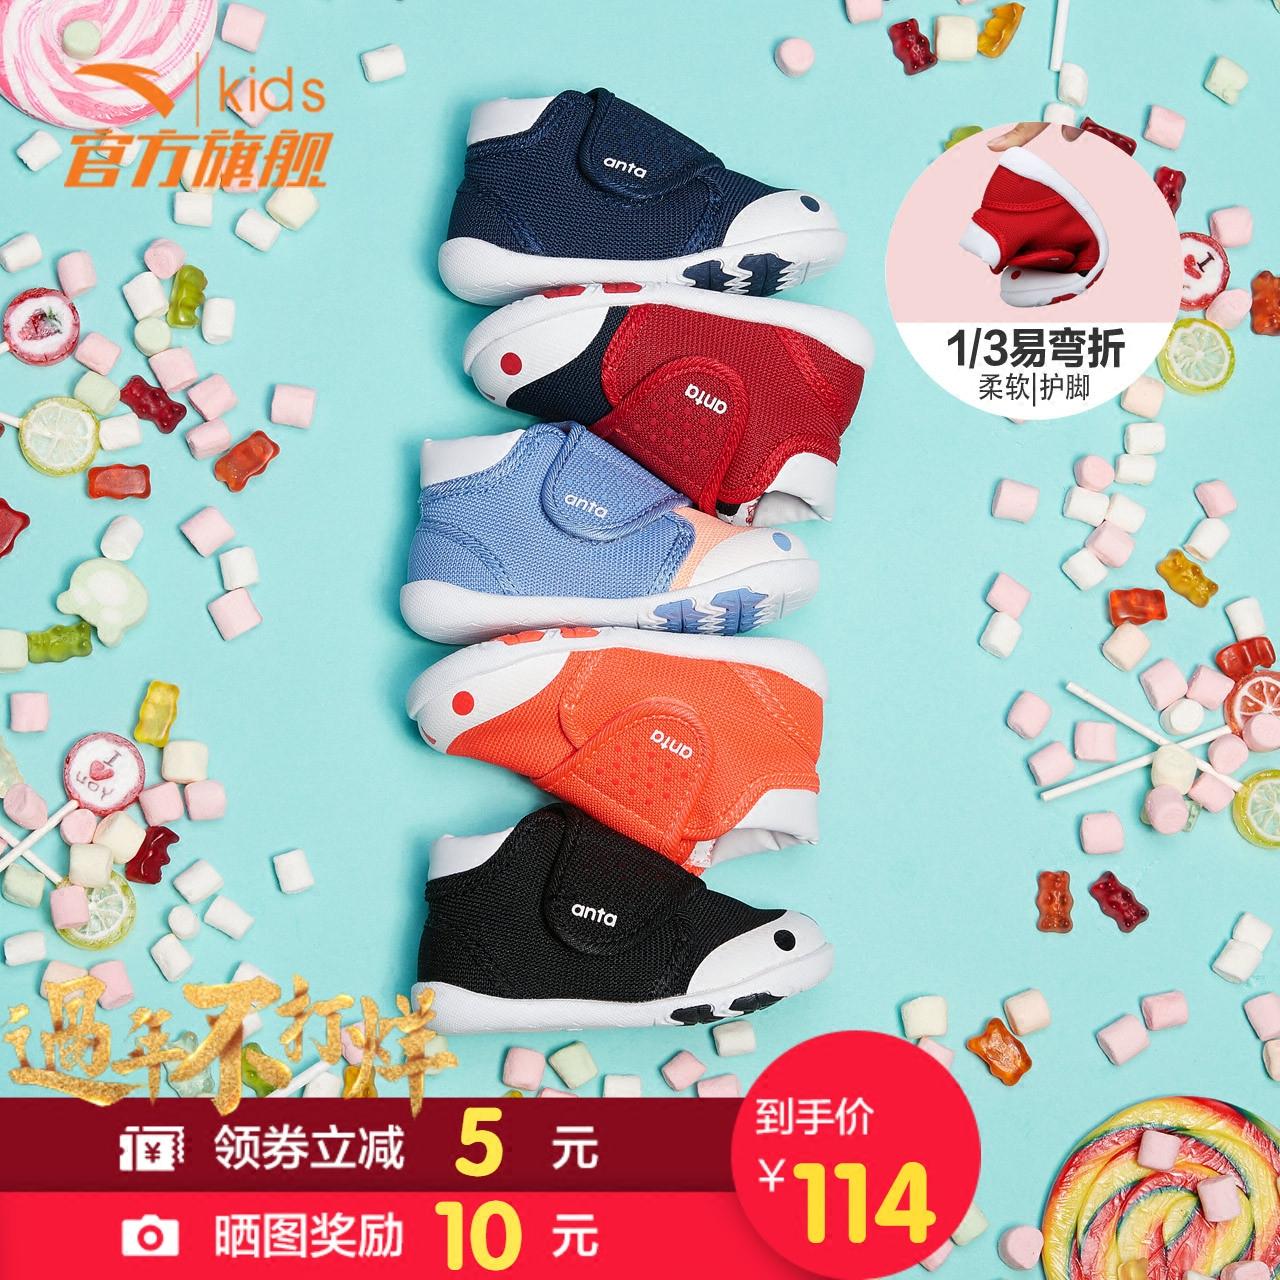 安踏童鞋儿童学步鞋男女童宝宝鞋子婴小童婴儿软底机能鞋0-3-5岁